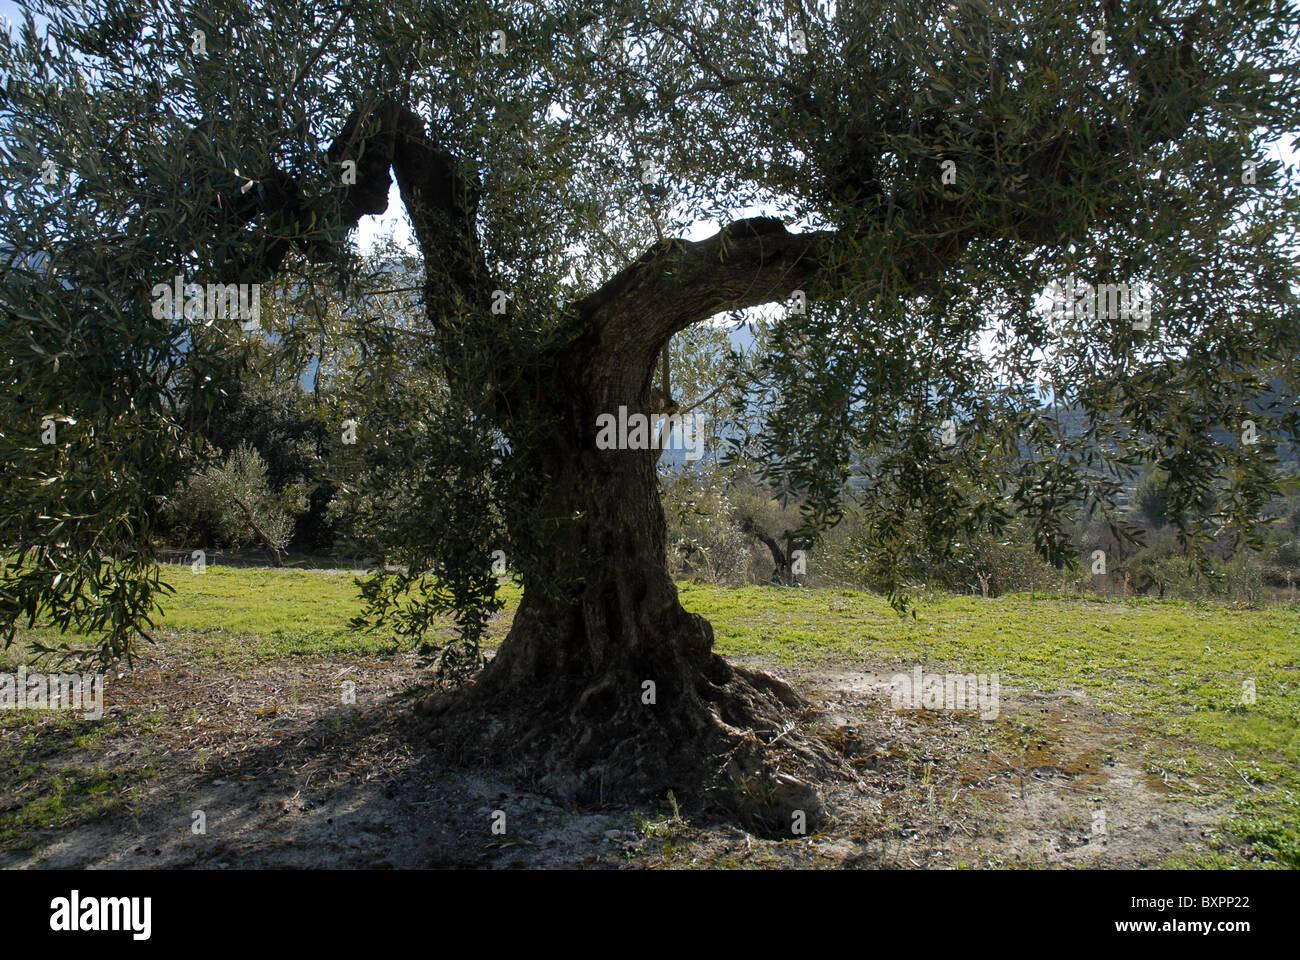 Vecchio olivo (Olea europeae) nr Balones, Vall de Seta, Provincia di Alicante, Comunidad Valenciana, Spagna Immagini Stock